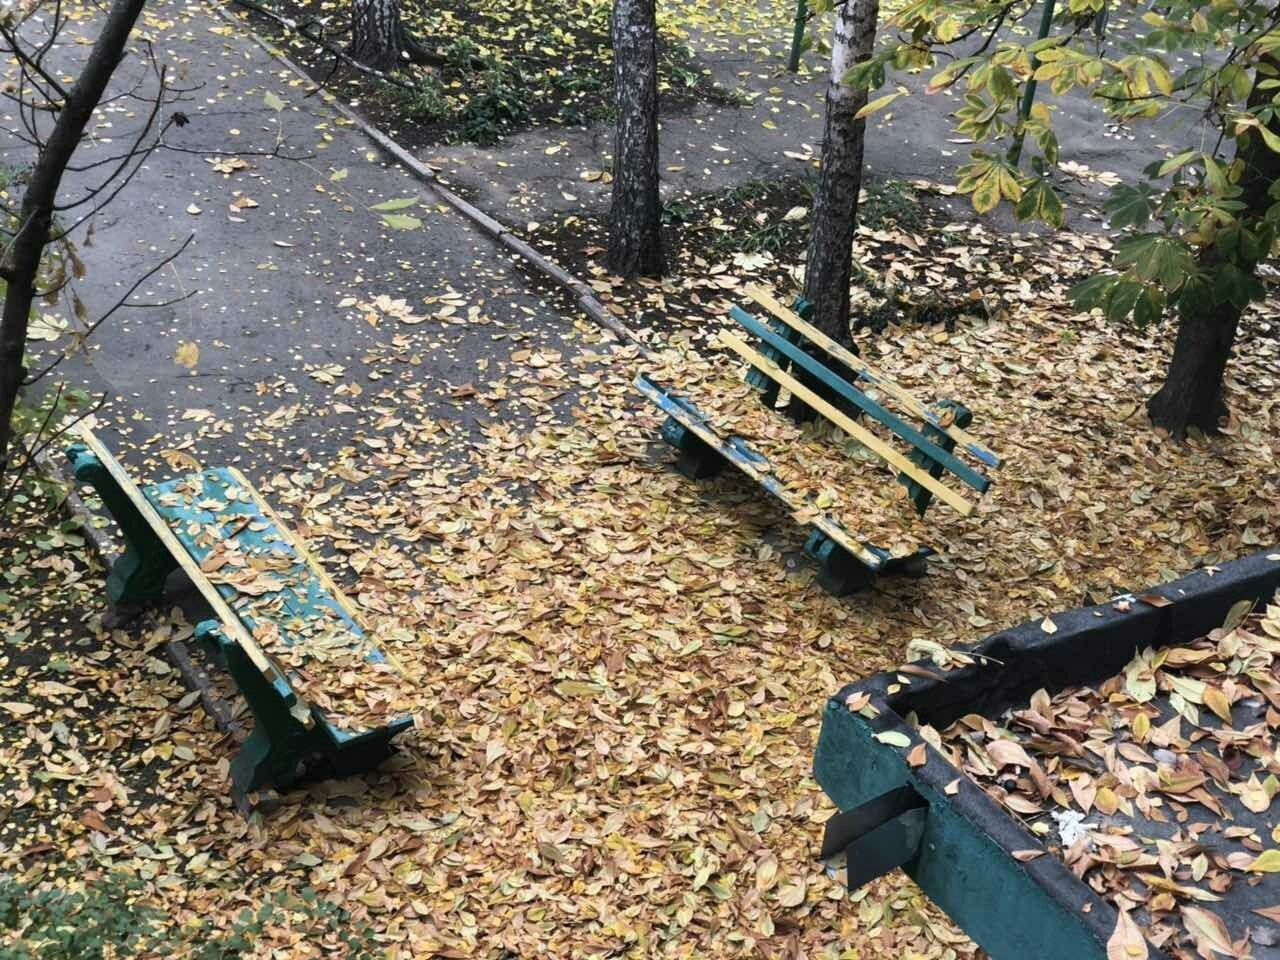 Мелитопольцы показали яркие фото утреннего листопада , фото-1, Фото сайта 0619